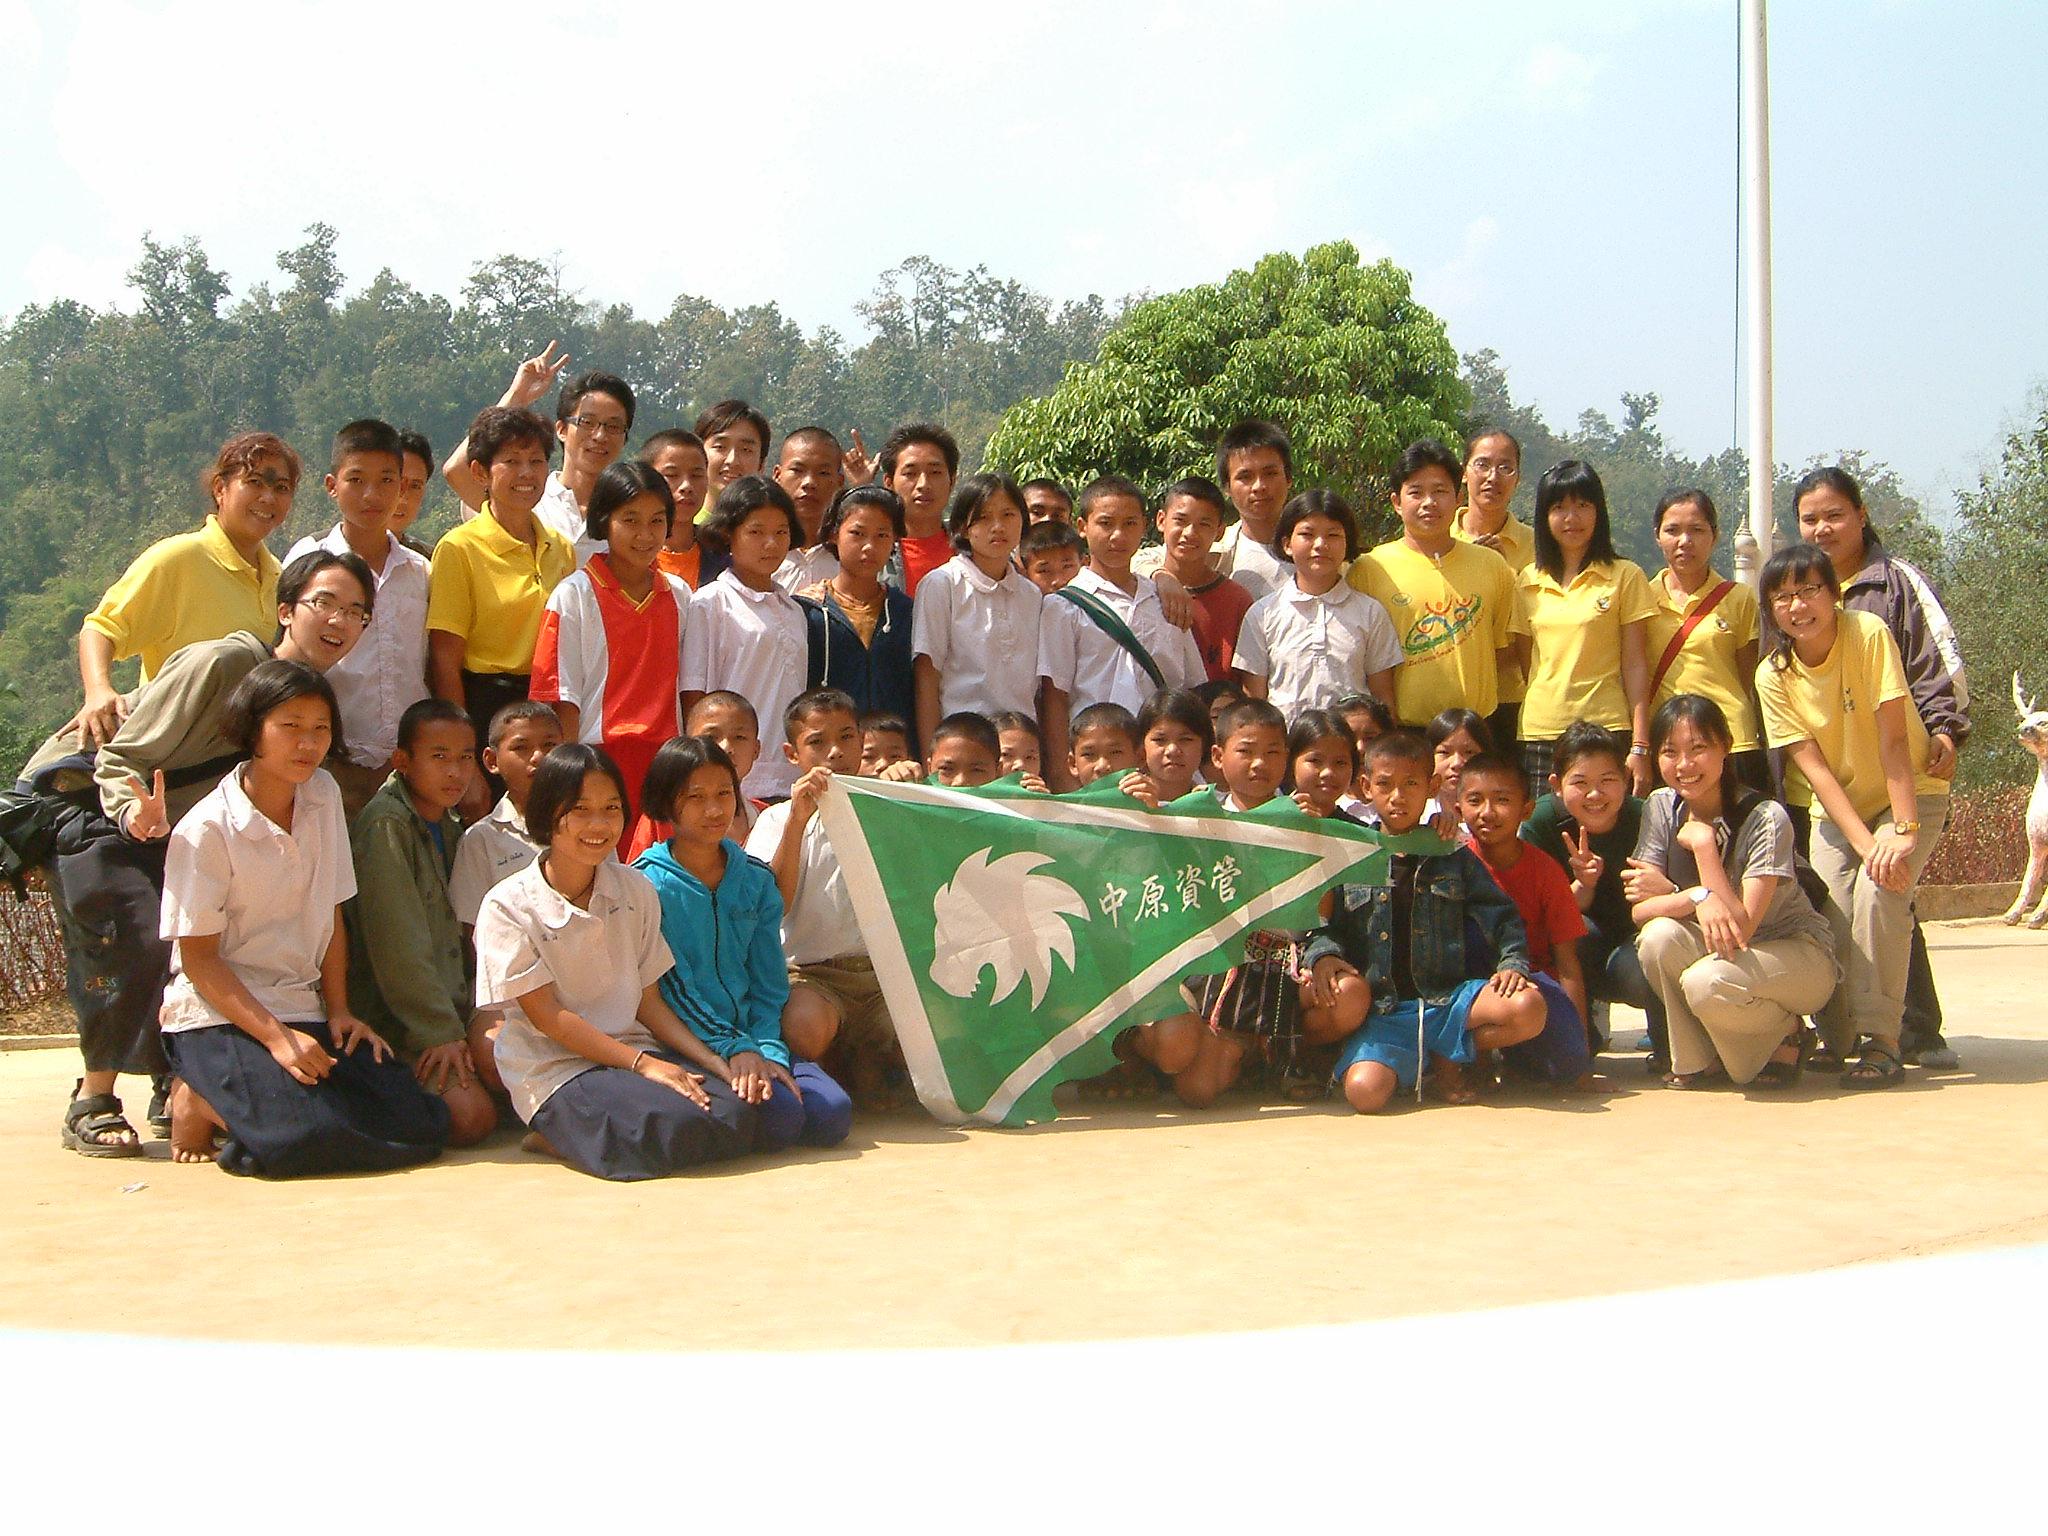 中原資管五名學生 前進泰緬推動兒童資訊教育